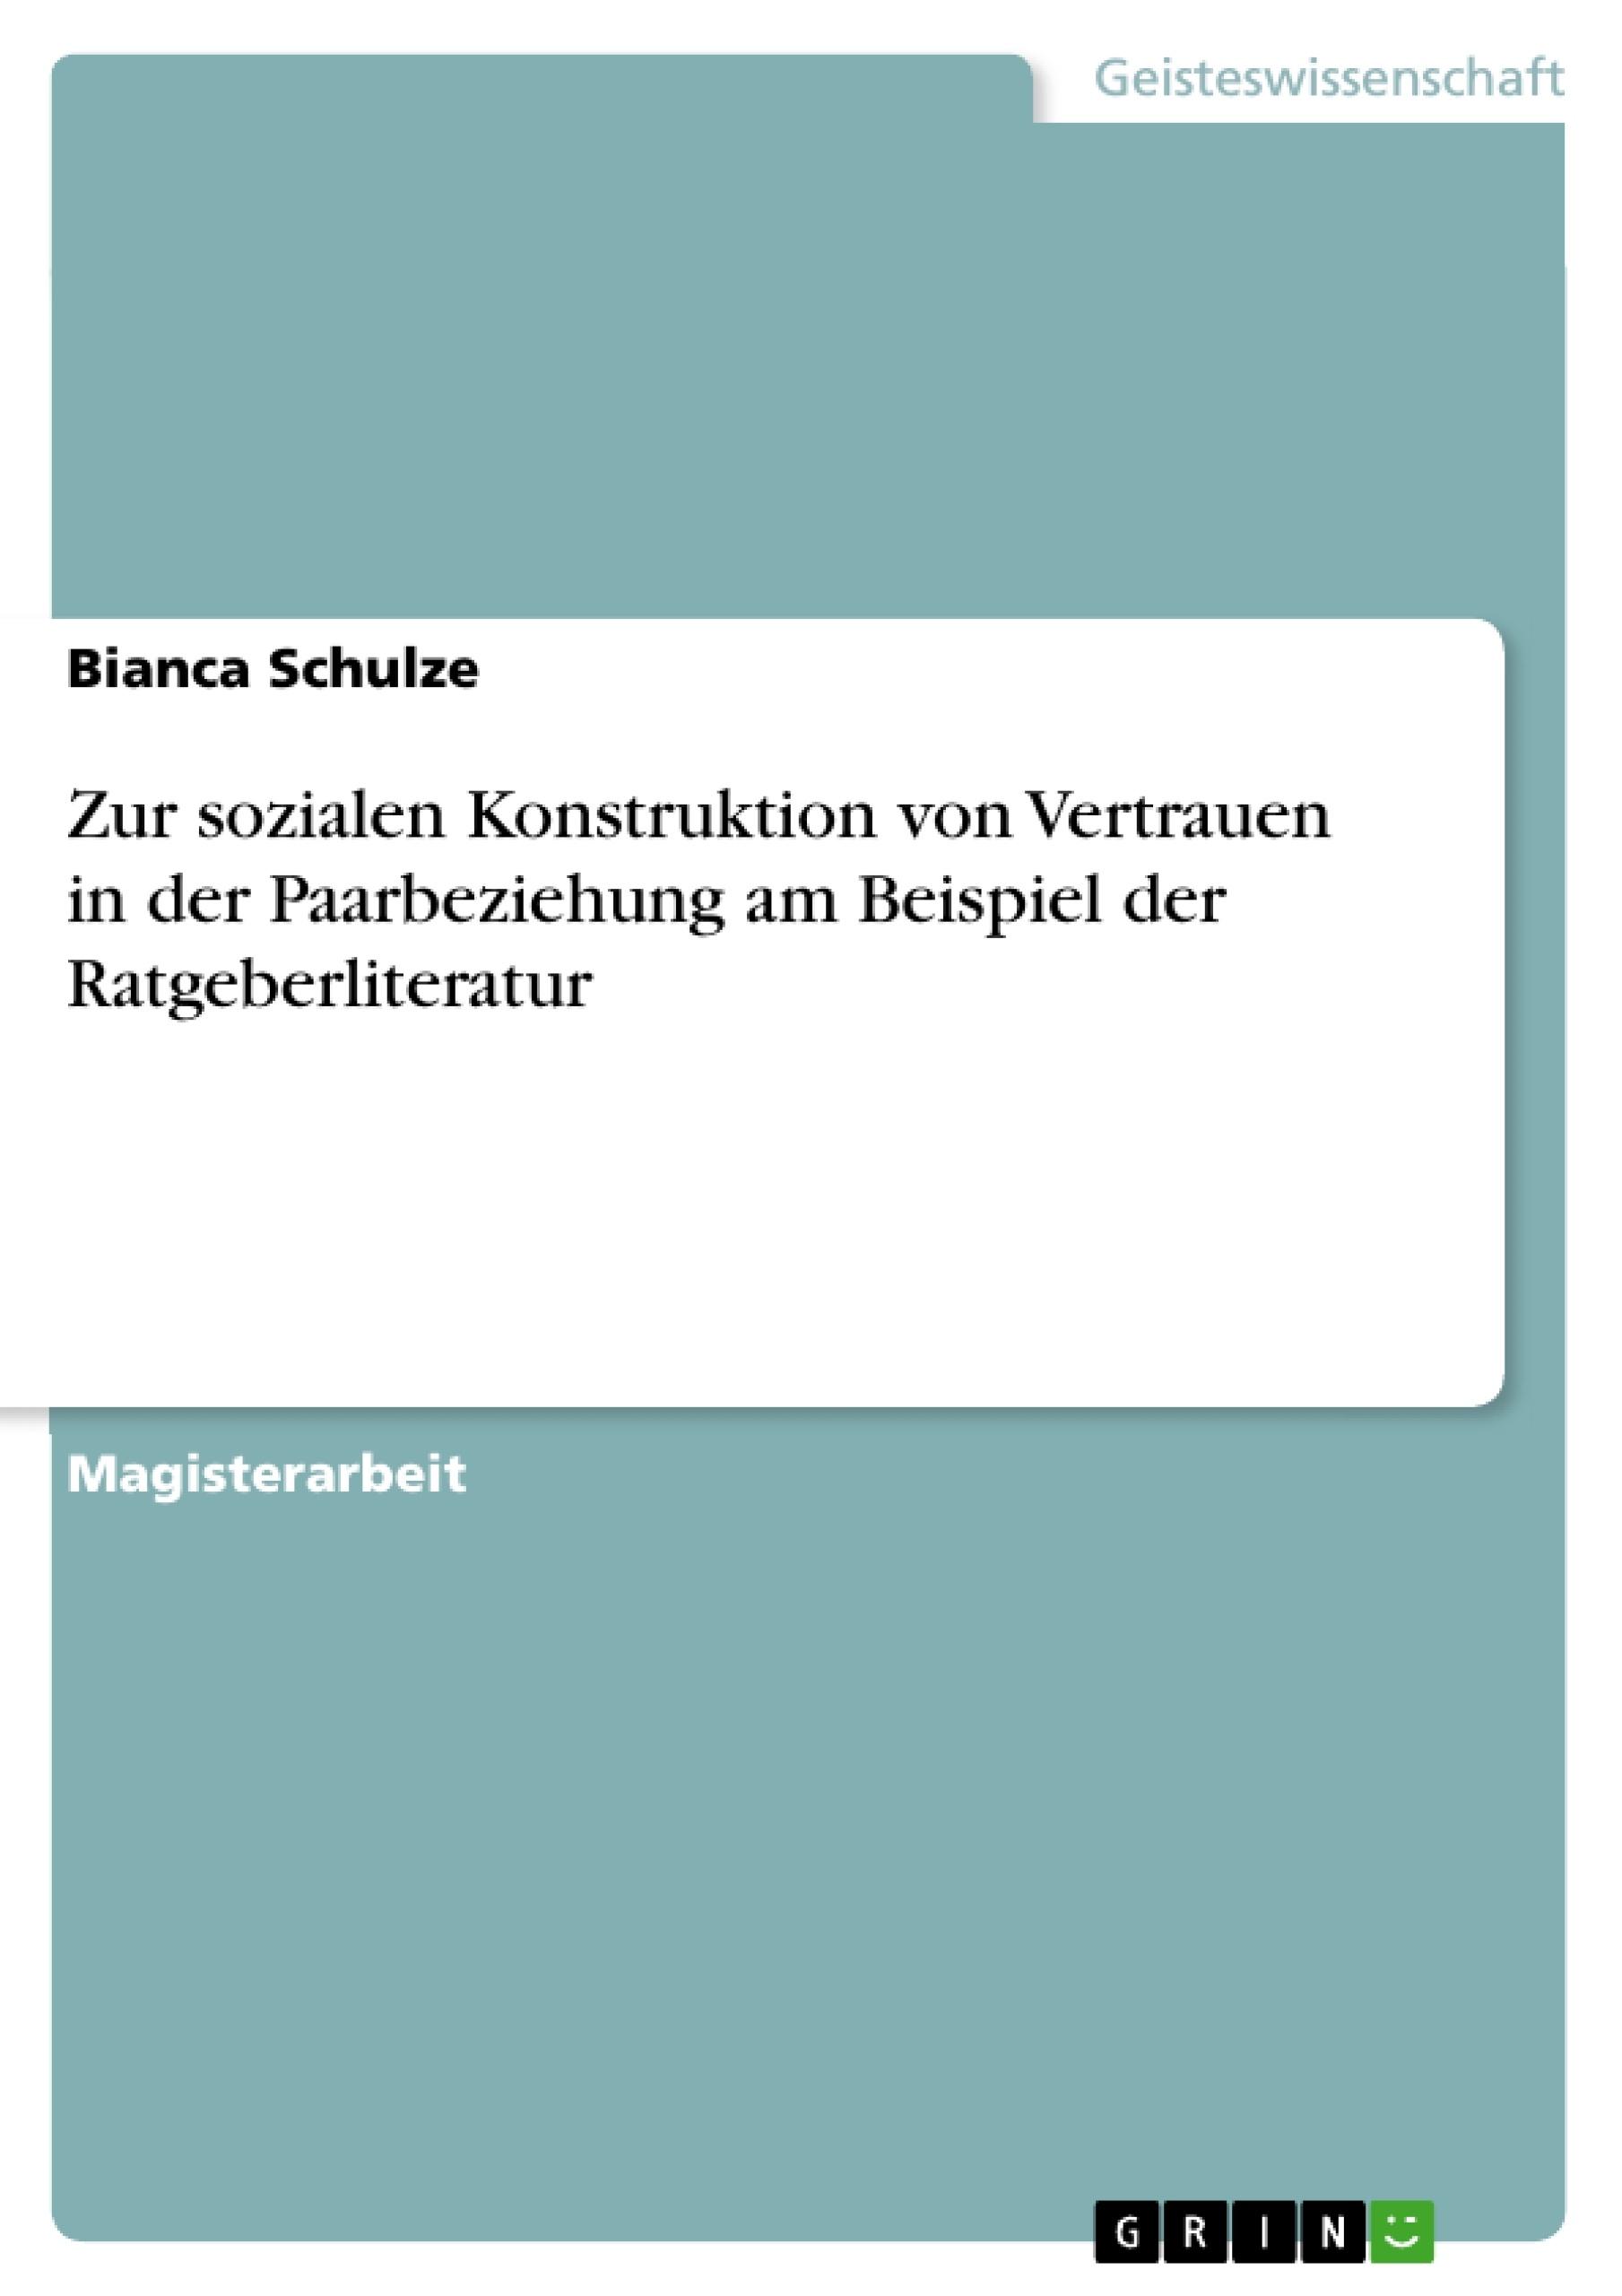 Titel: Zur sozialen Konstruktion von Vertrauen in der Paarbeziehung am Beispiel der Ratgeberliteratur